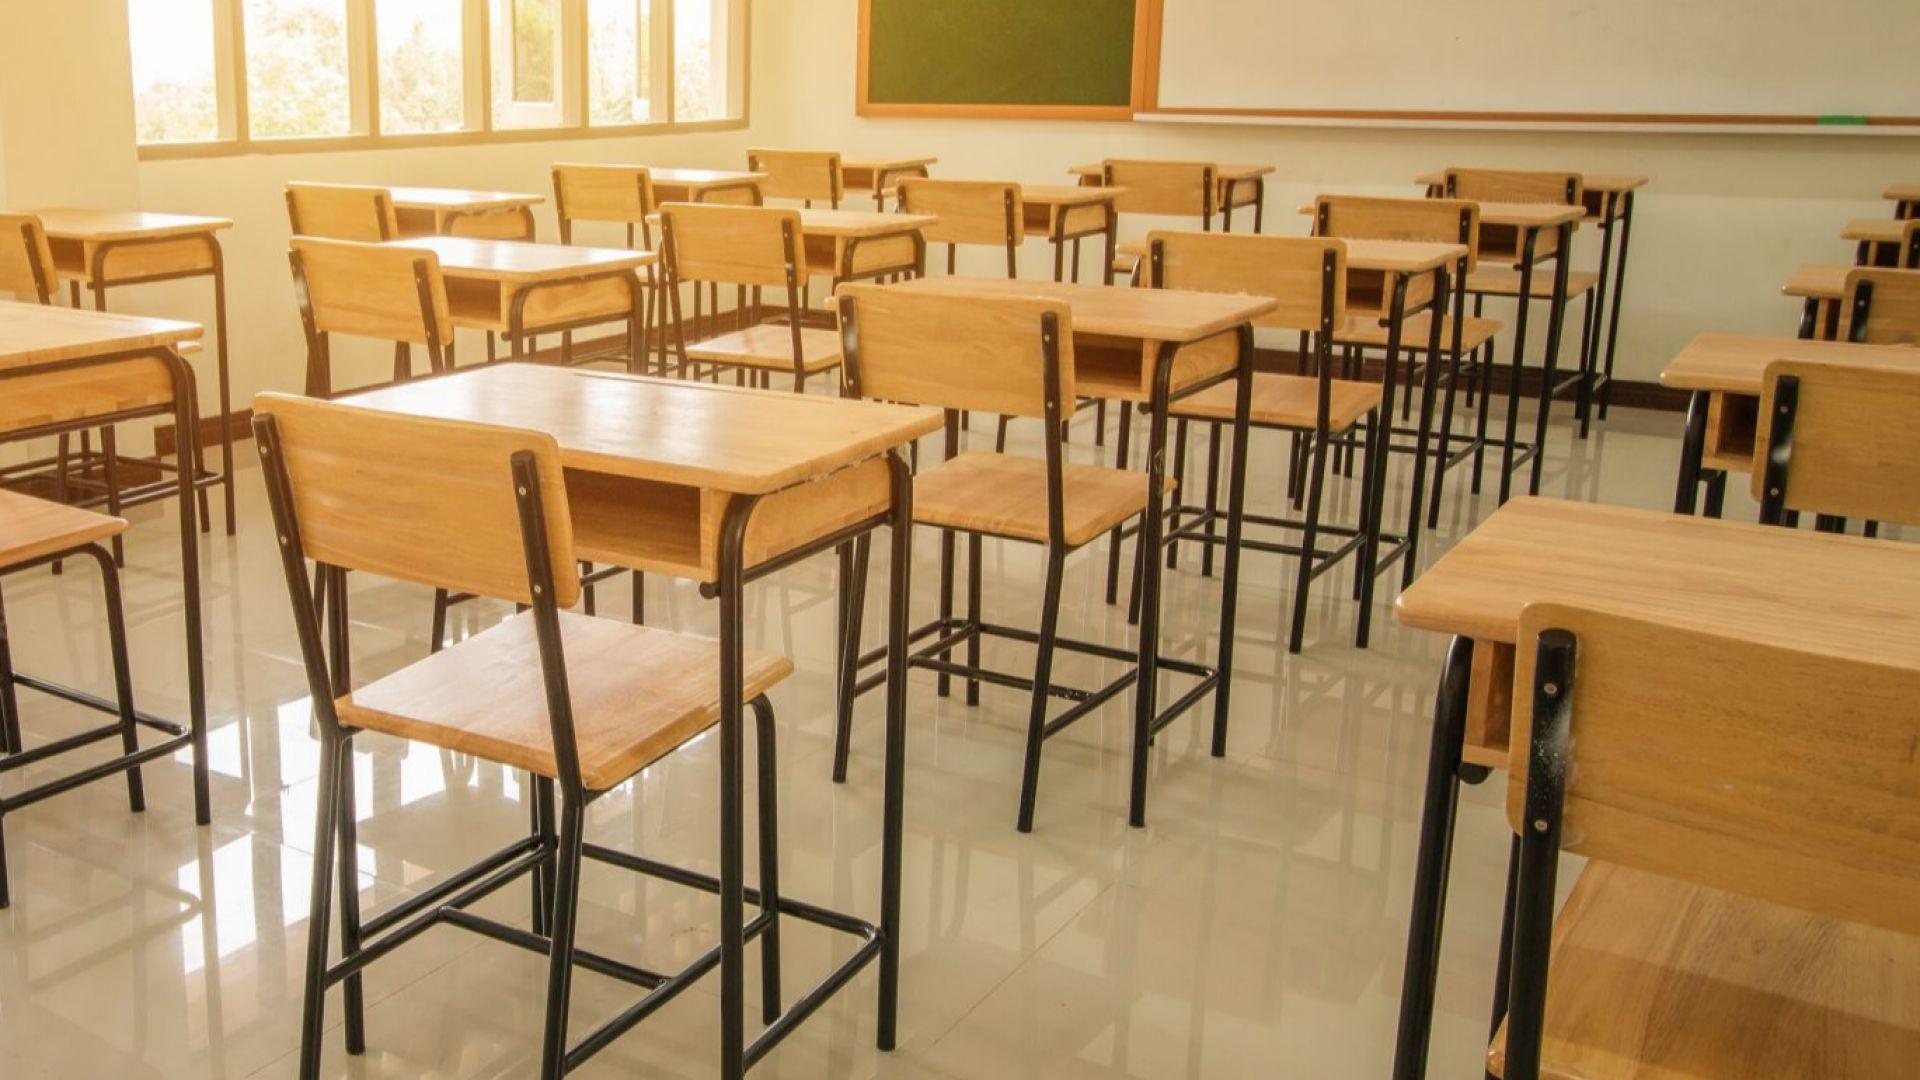 16 училища представят перспективите на обучението си на изложение